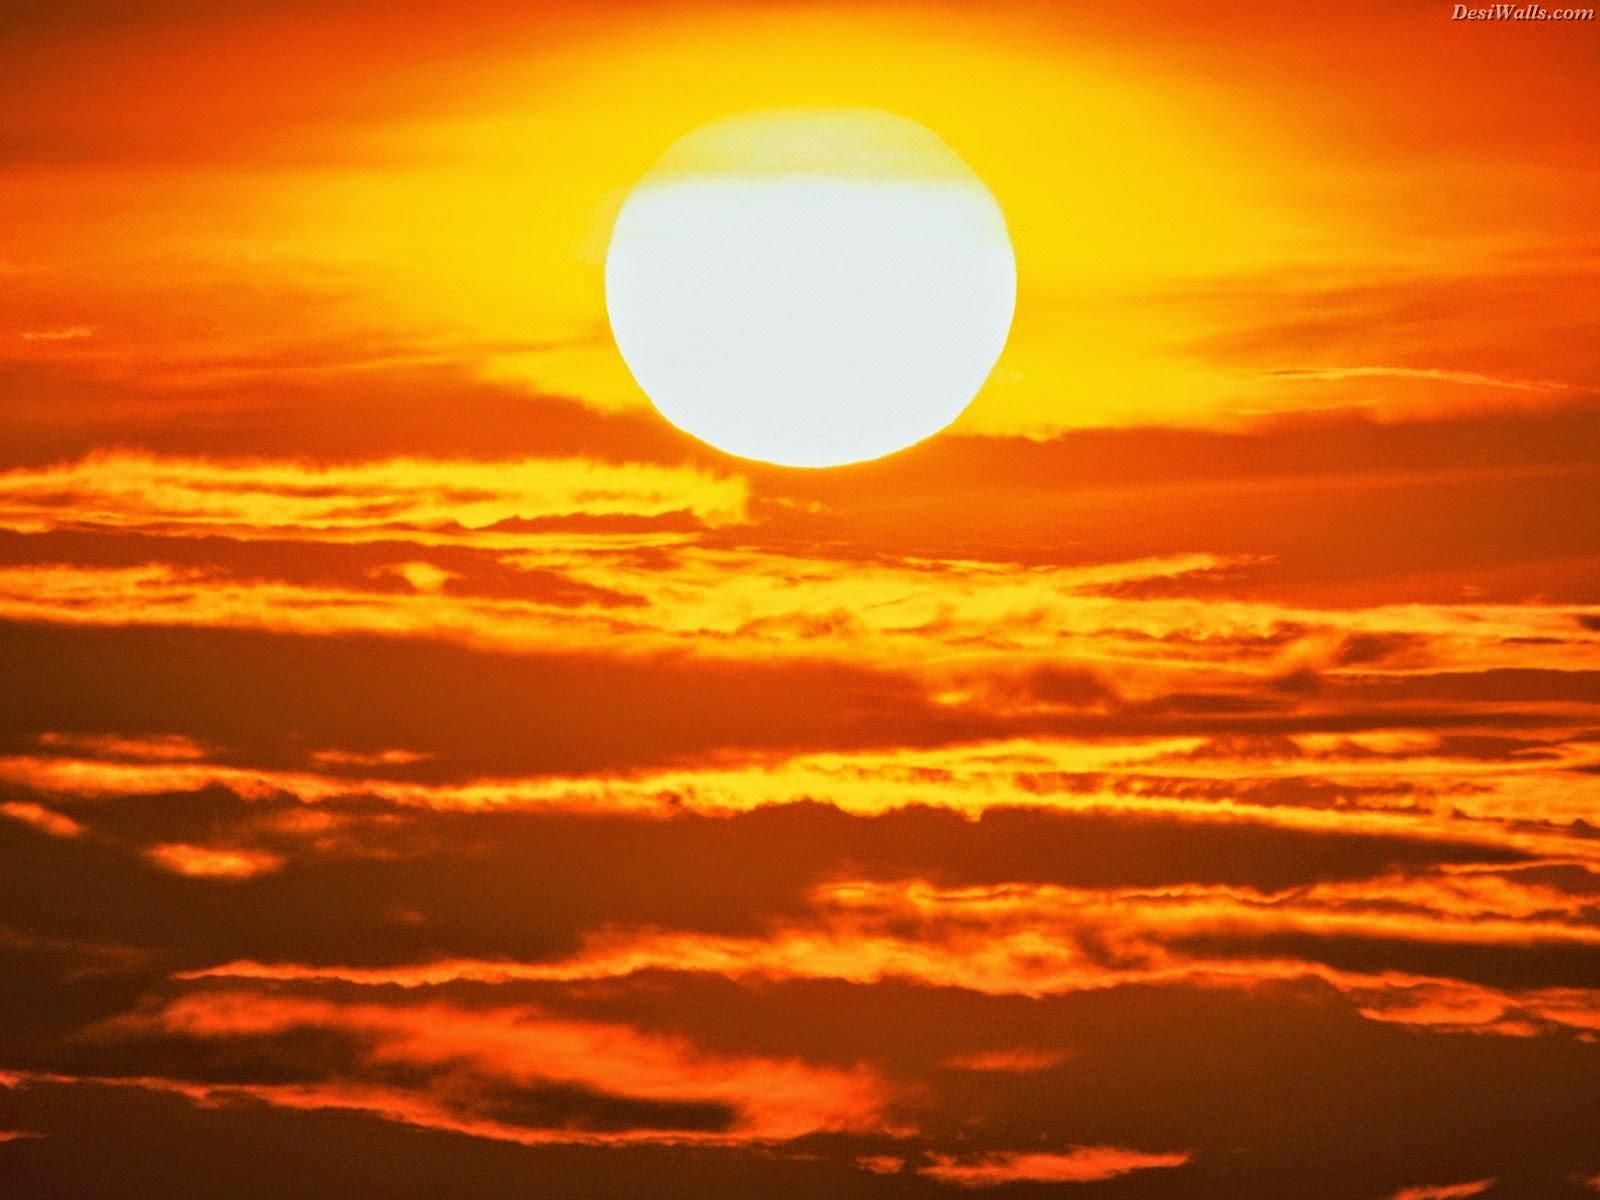 12 aspects of the Sun in Surya Namaskar mantra